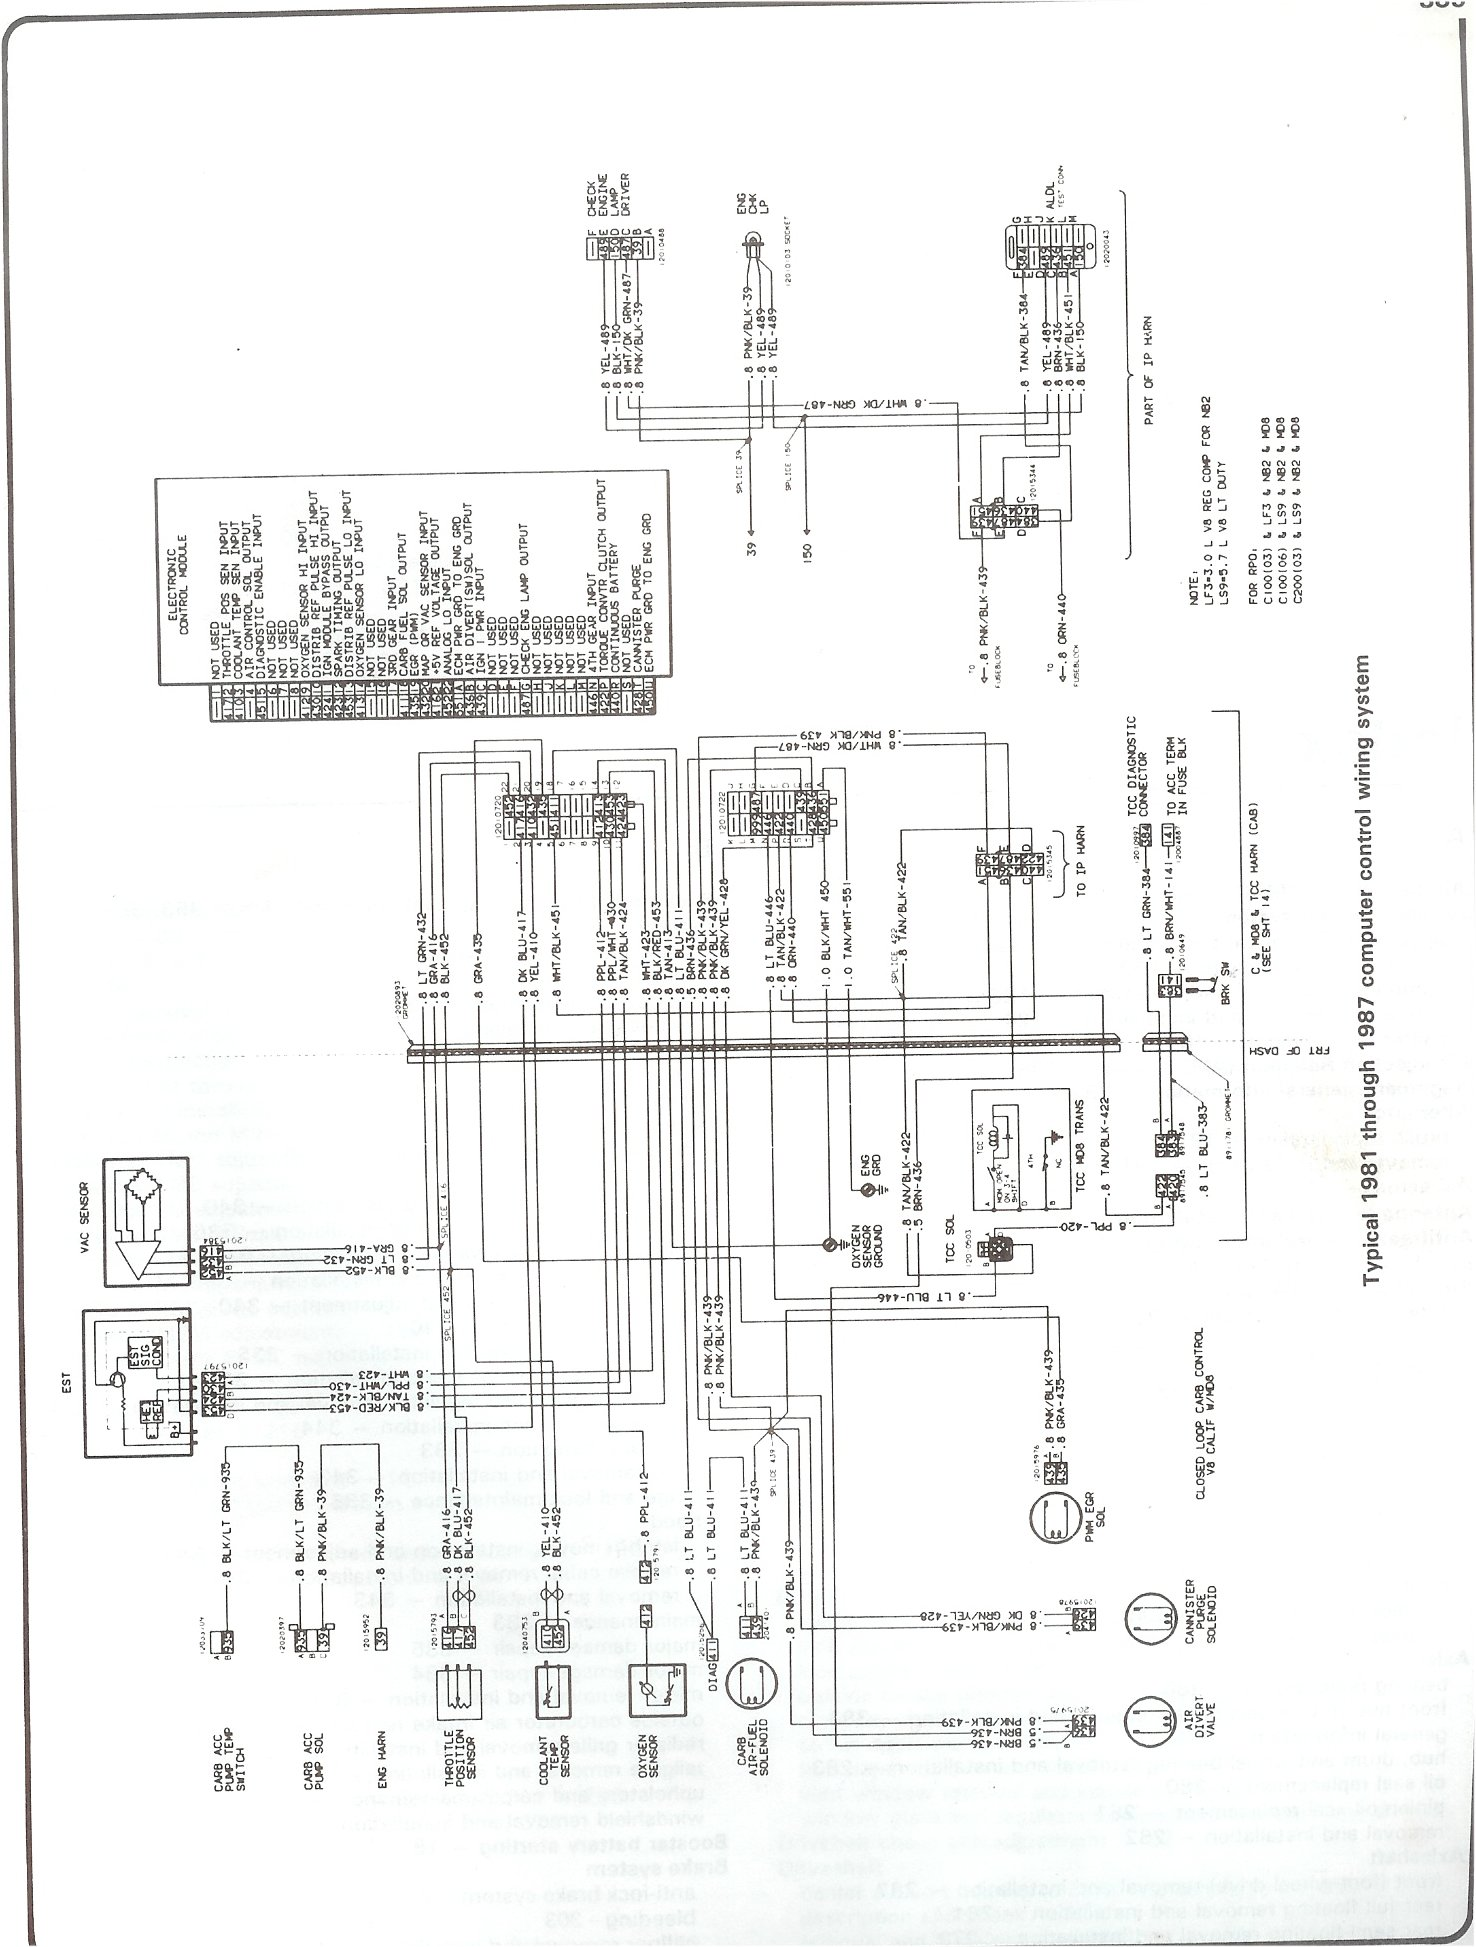 1982 g30 van wiring diagram #8 4x4 Wiring Diagram 1982 g30 van wiring diagram